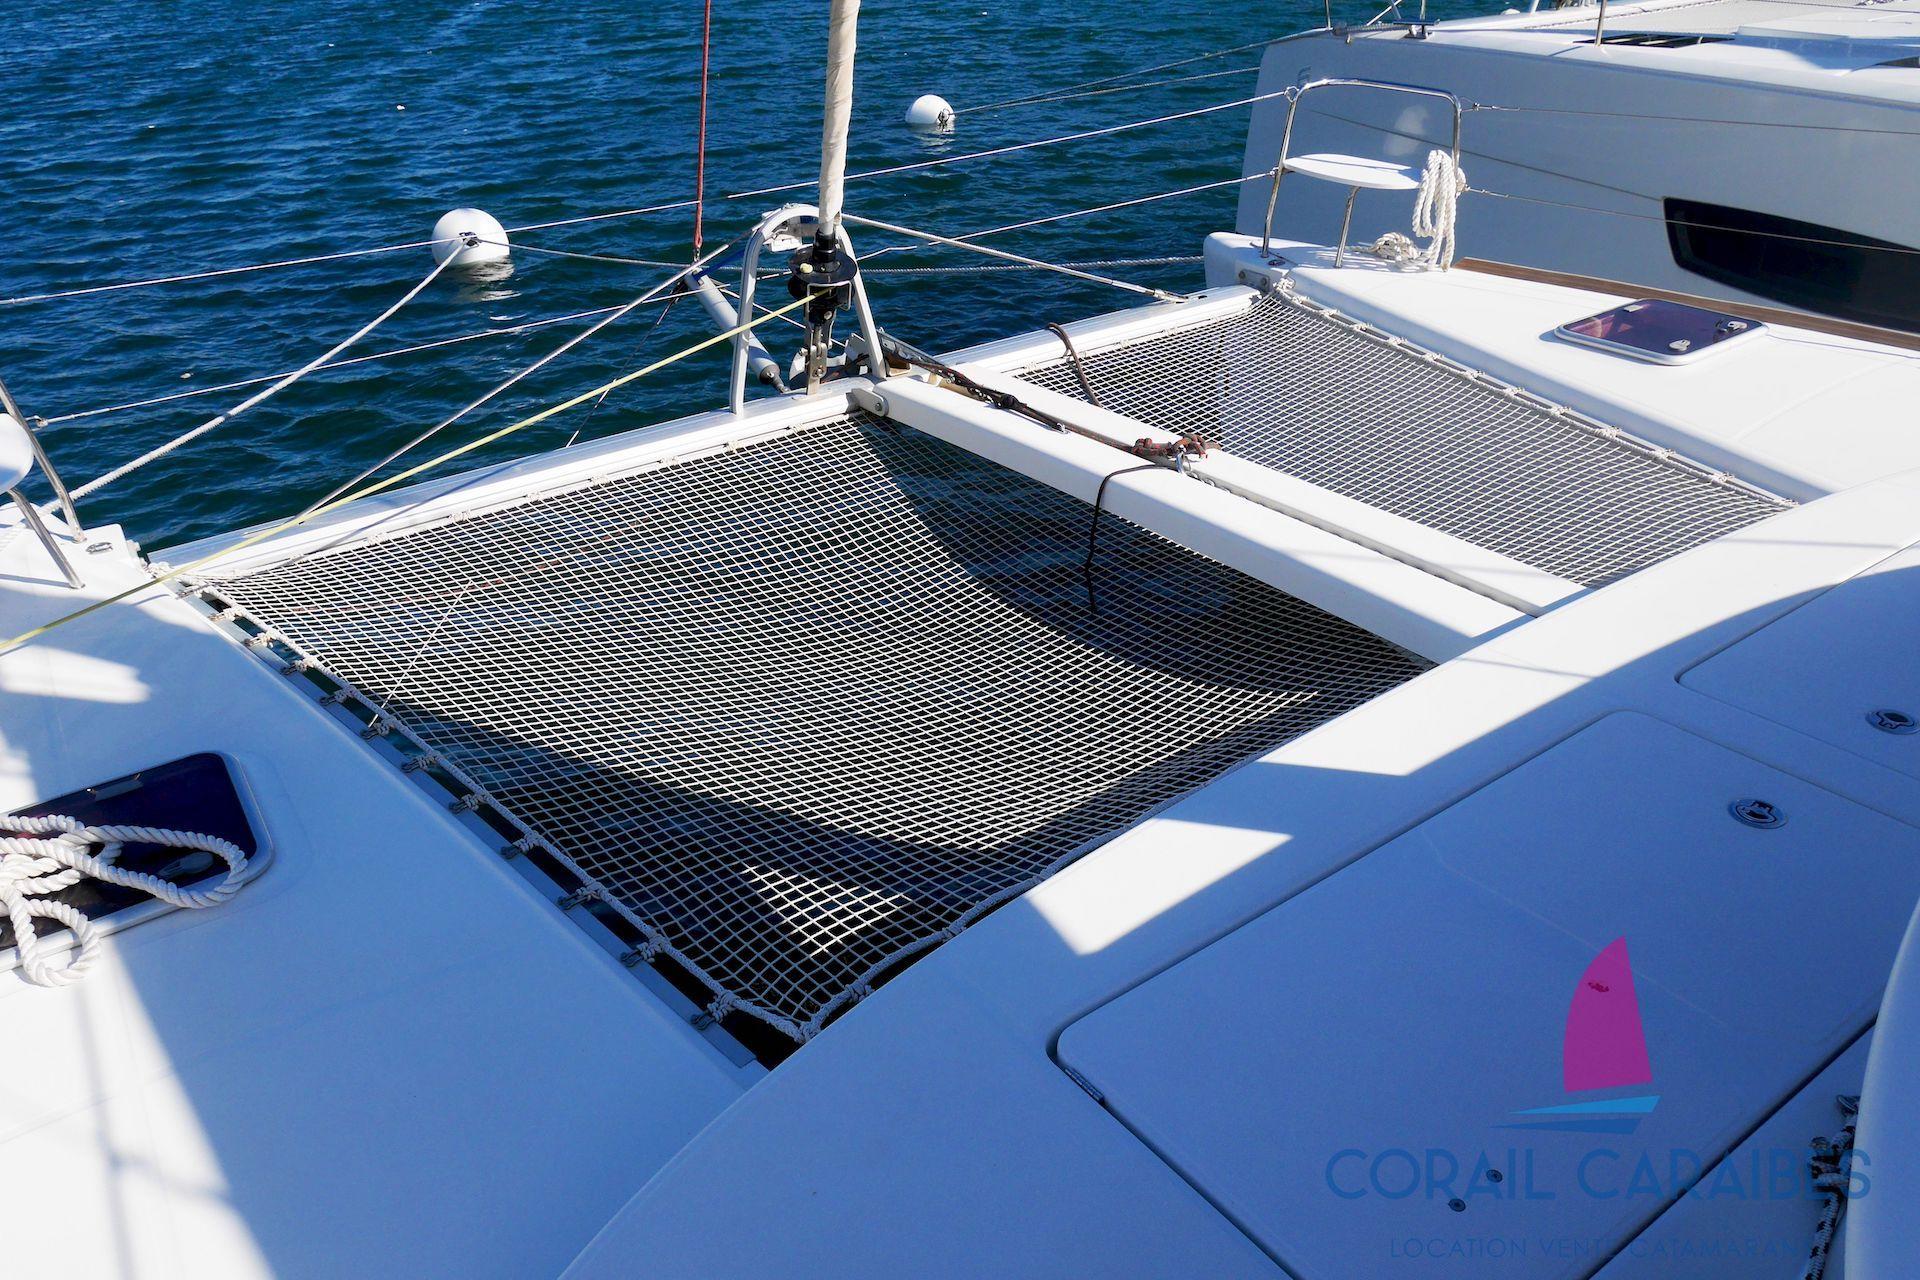 Lagoon-380-Corail-Caraibes-5